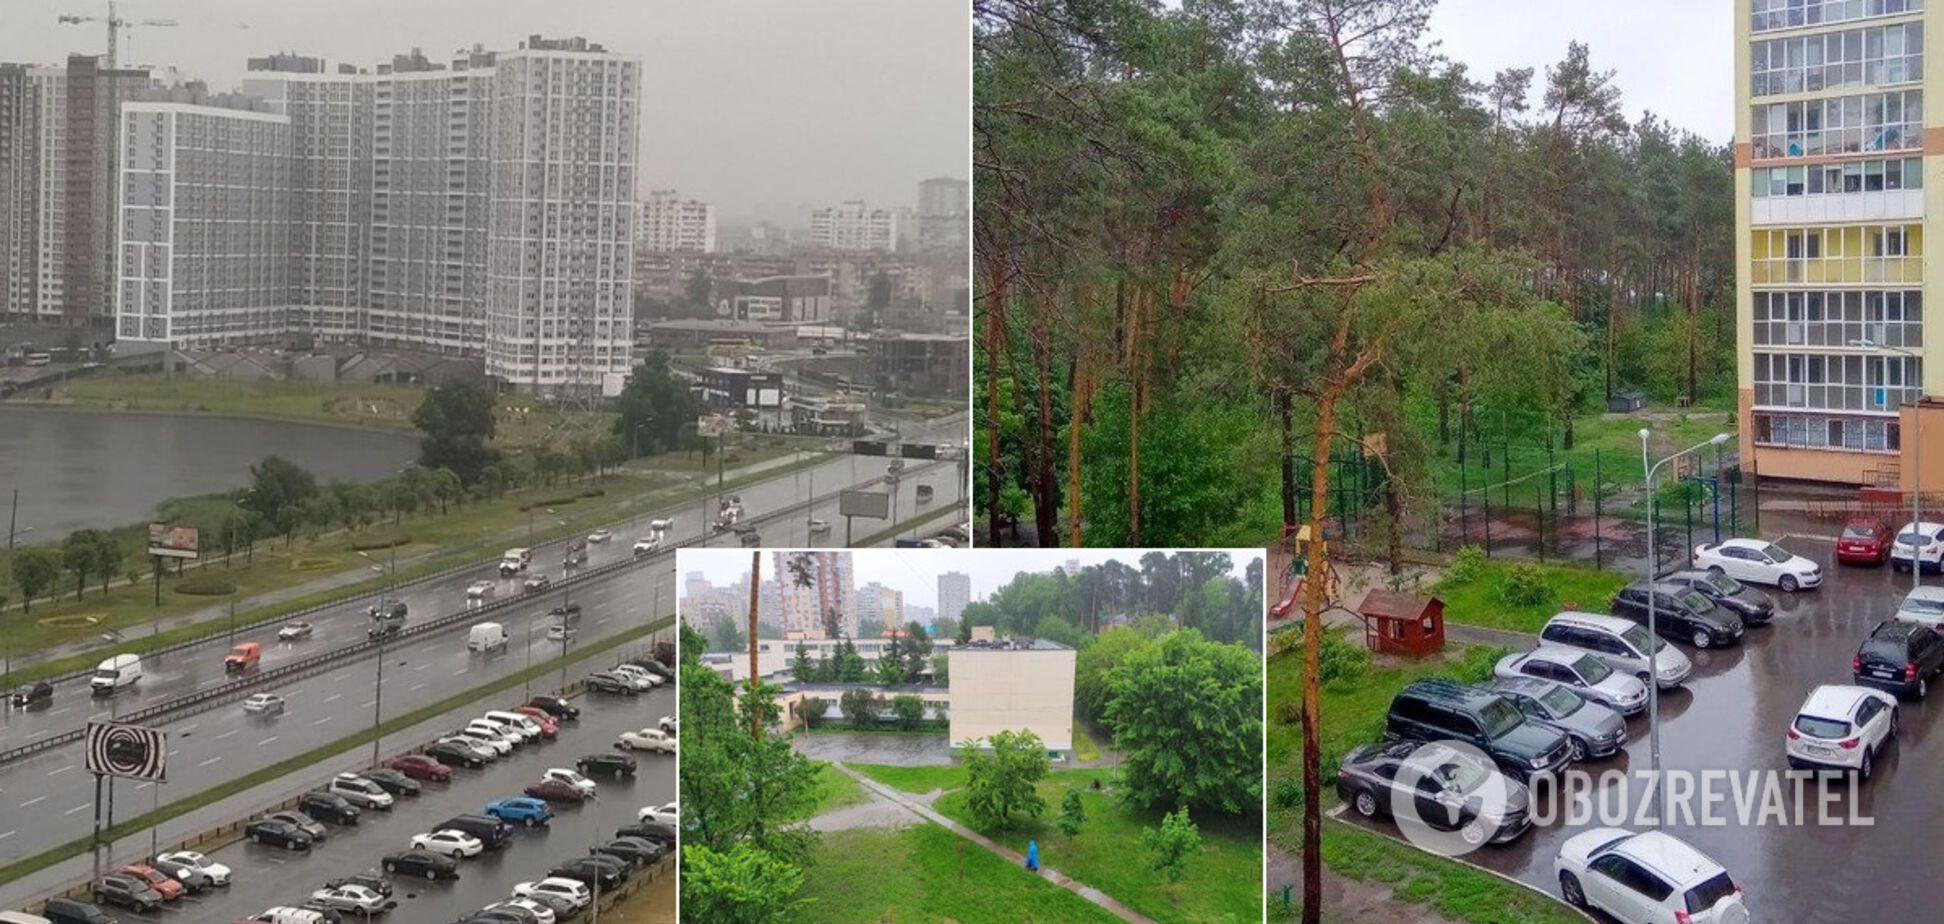 Київ пішов під воду через сильну зливу: машини попливли, місто тоне. Фото і відео